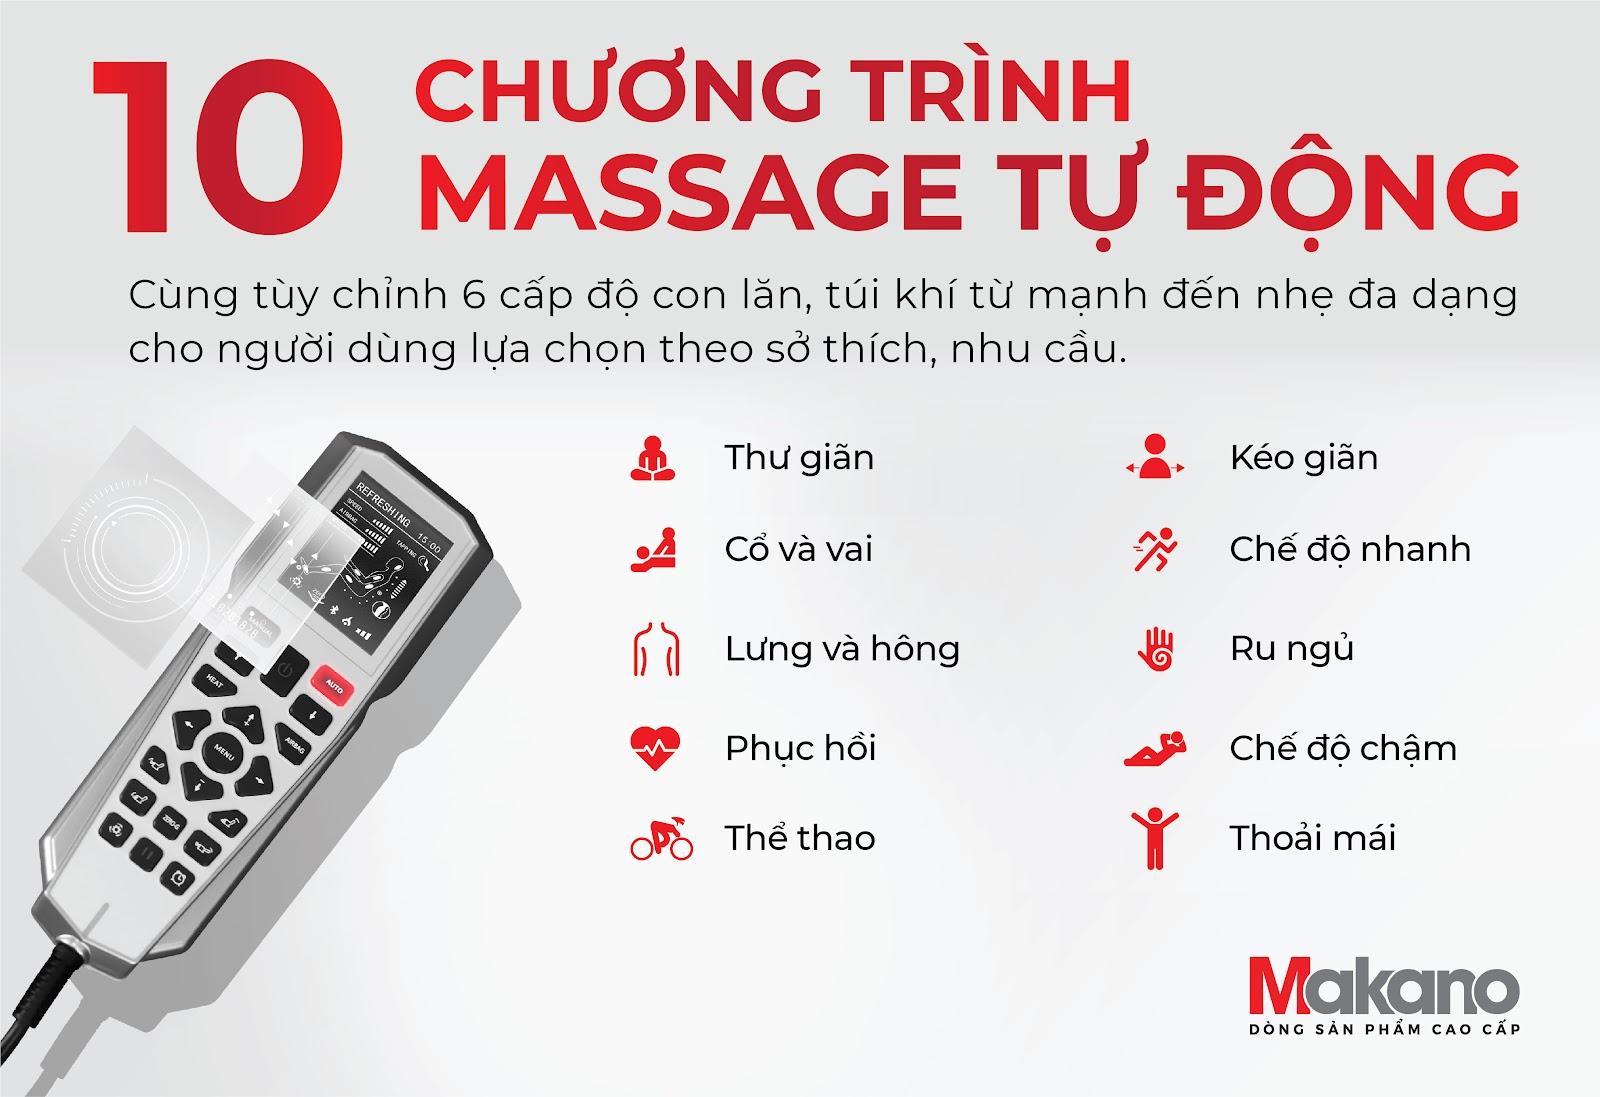 10 chương trình ghế massage được lập trình tự động